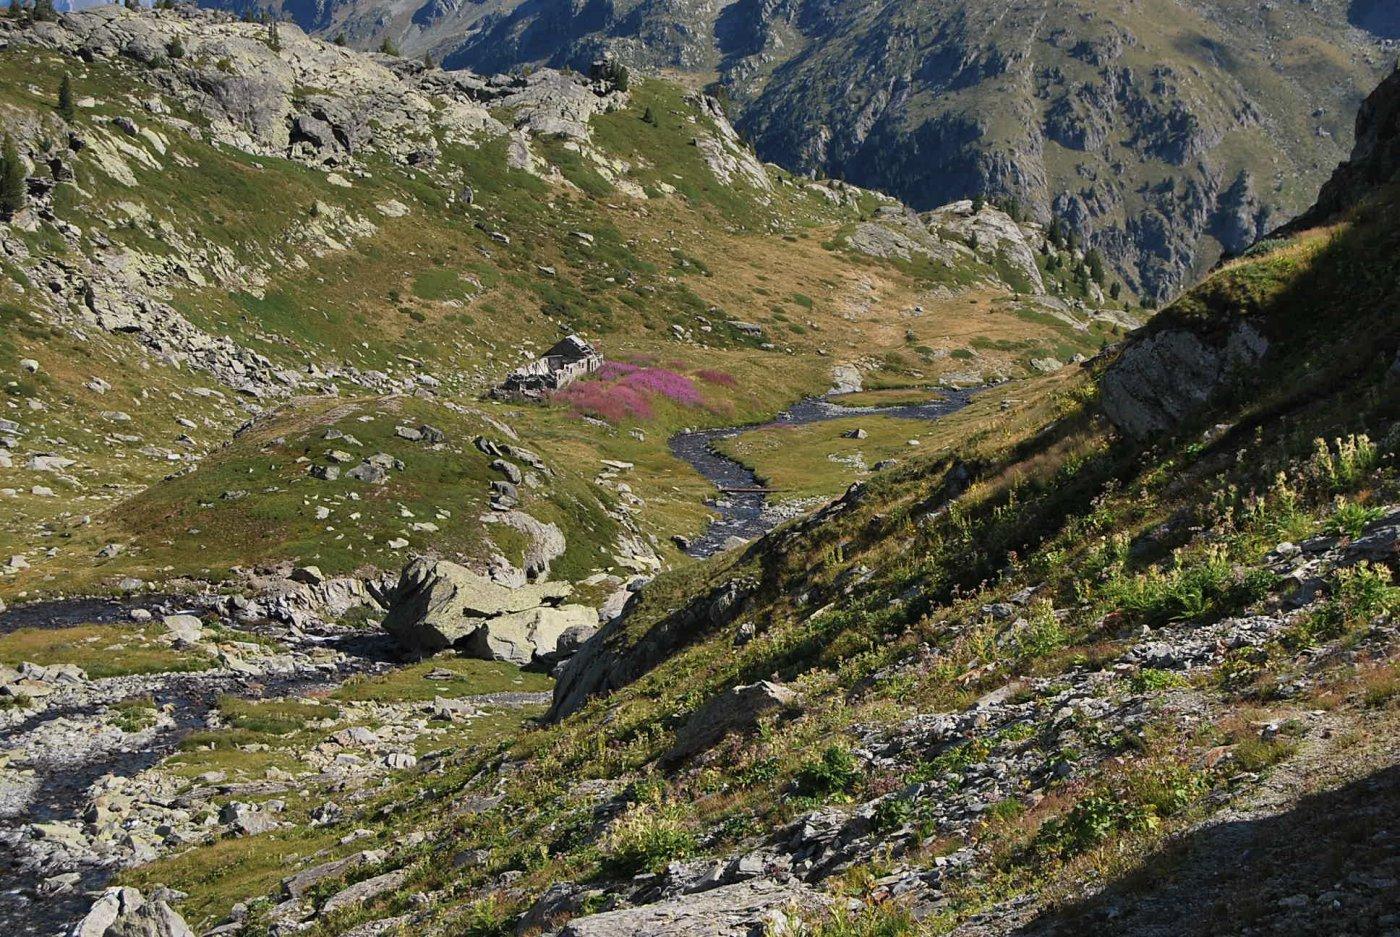 Visti salendo: i ruderi e il ponticello nel vallone di Bellacomba dove si stacca il sentiero che poi termina al lago